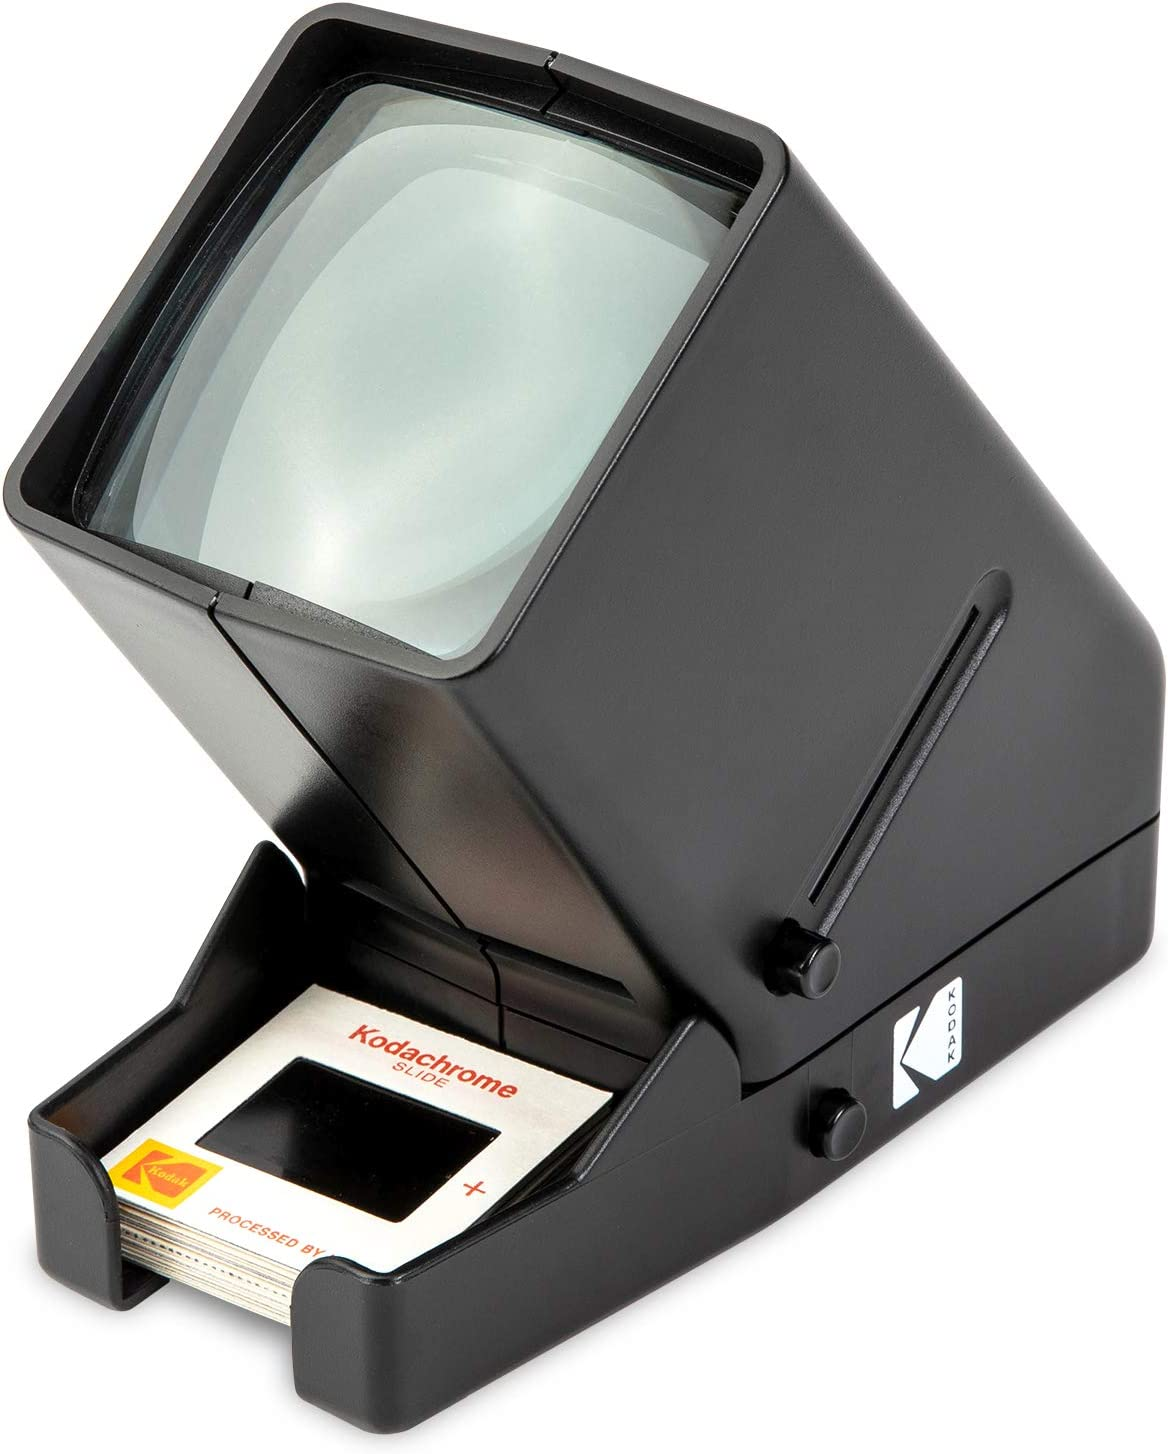 Visor de diapositivas y películas Kodak de 35 mm: funciona con ...